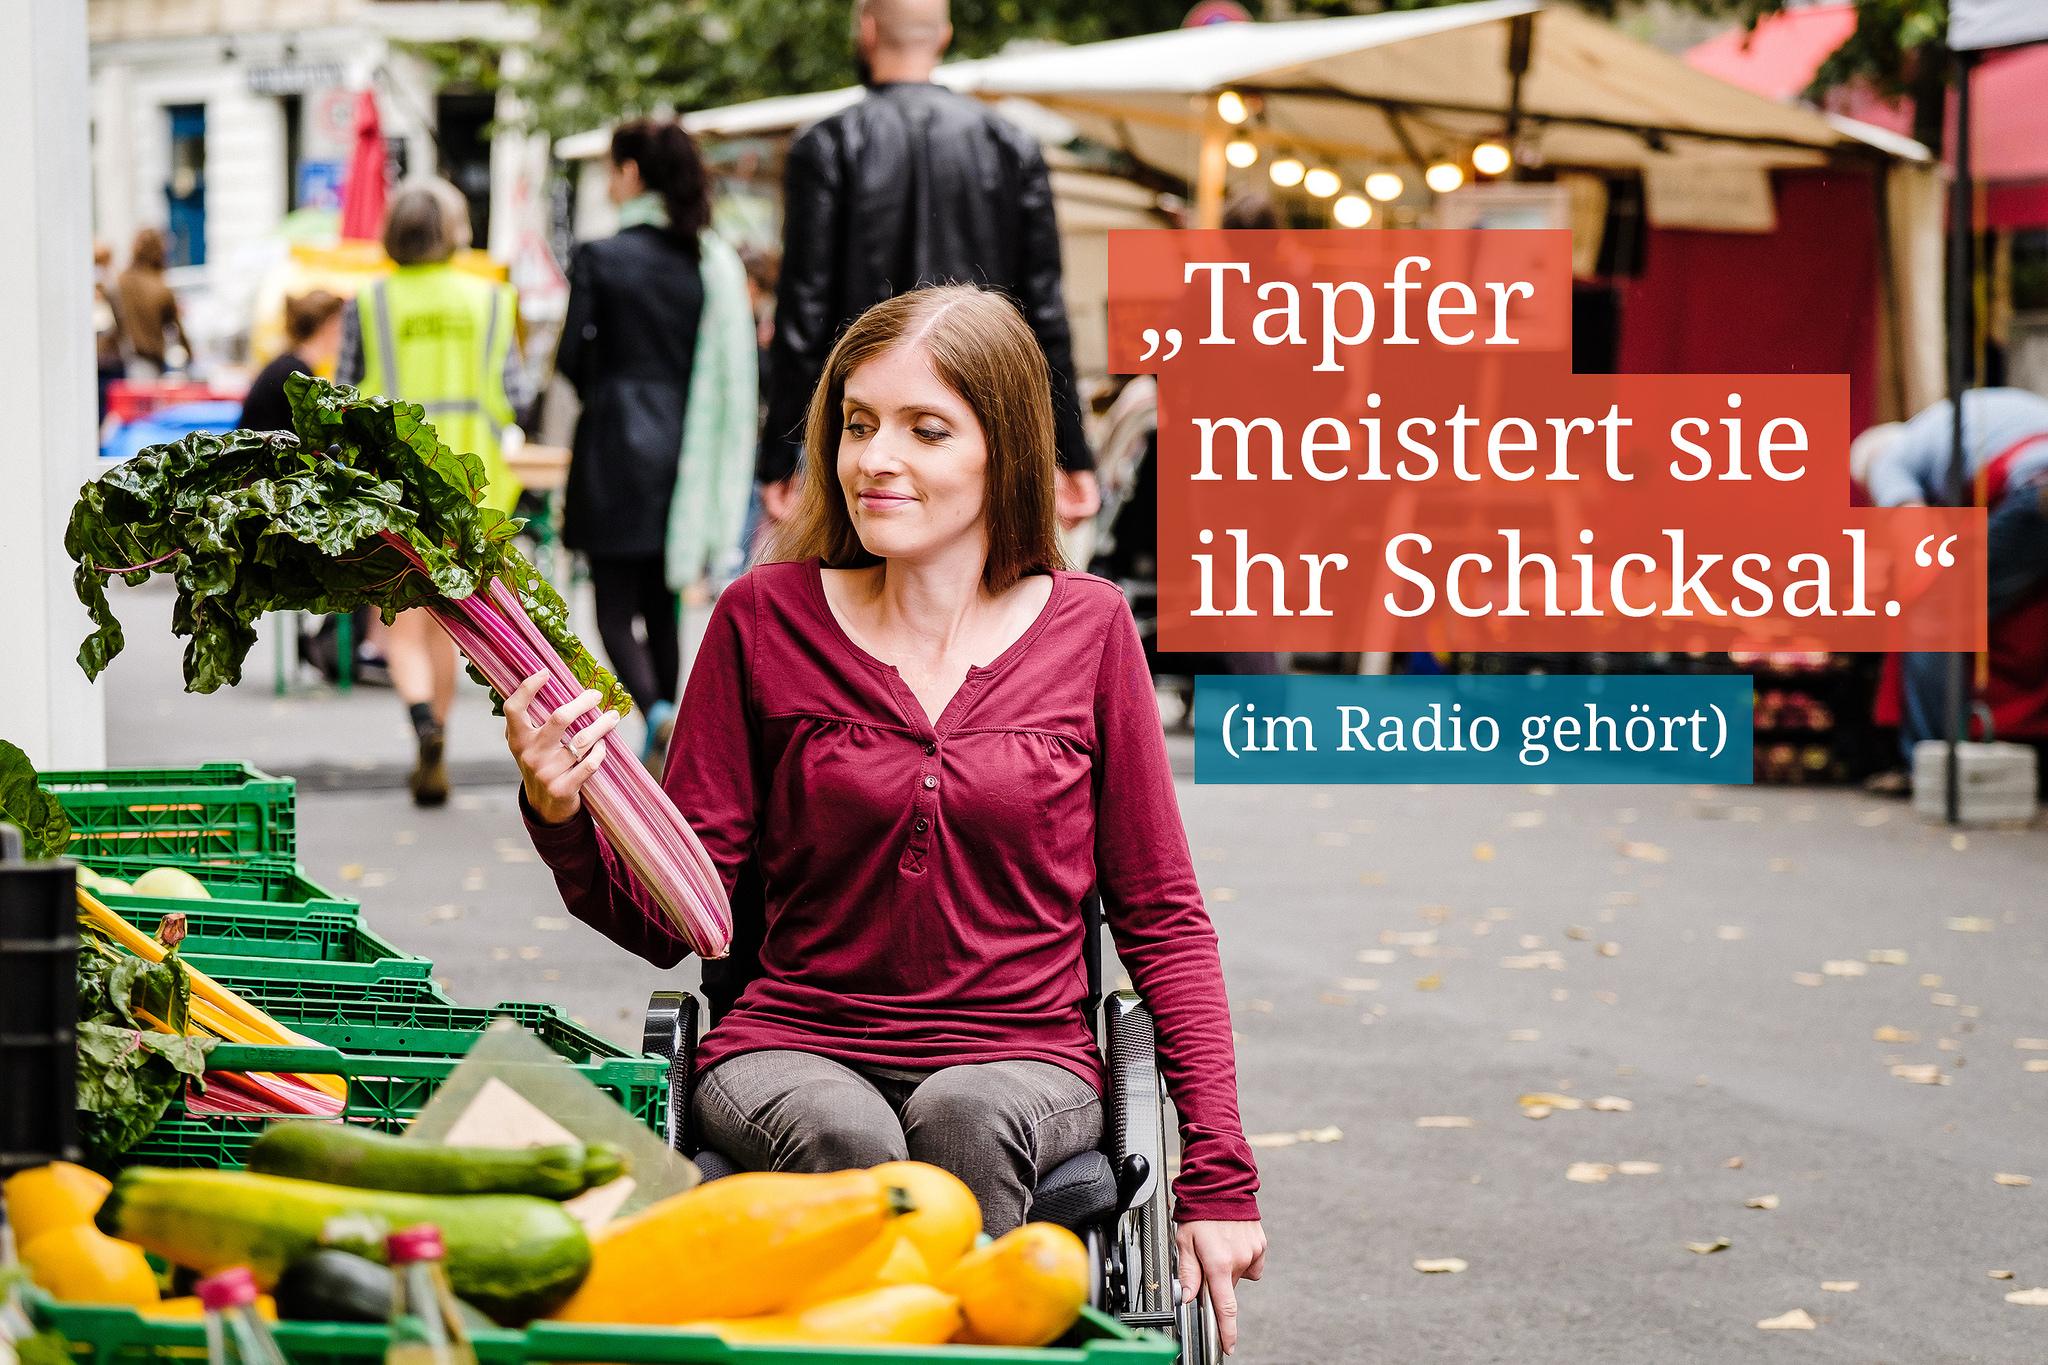 """Eine Frau im Rollstuhl steht an einem Stand auf einen Markt und schaut sich Gemüse an. Daneben steht: """"Tapfer meistert sie ihr Schicksal."""" (im Radio gehört)"""